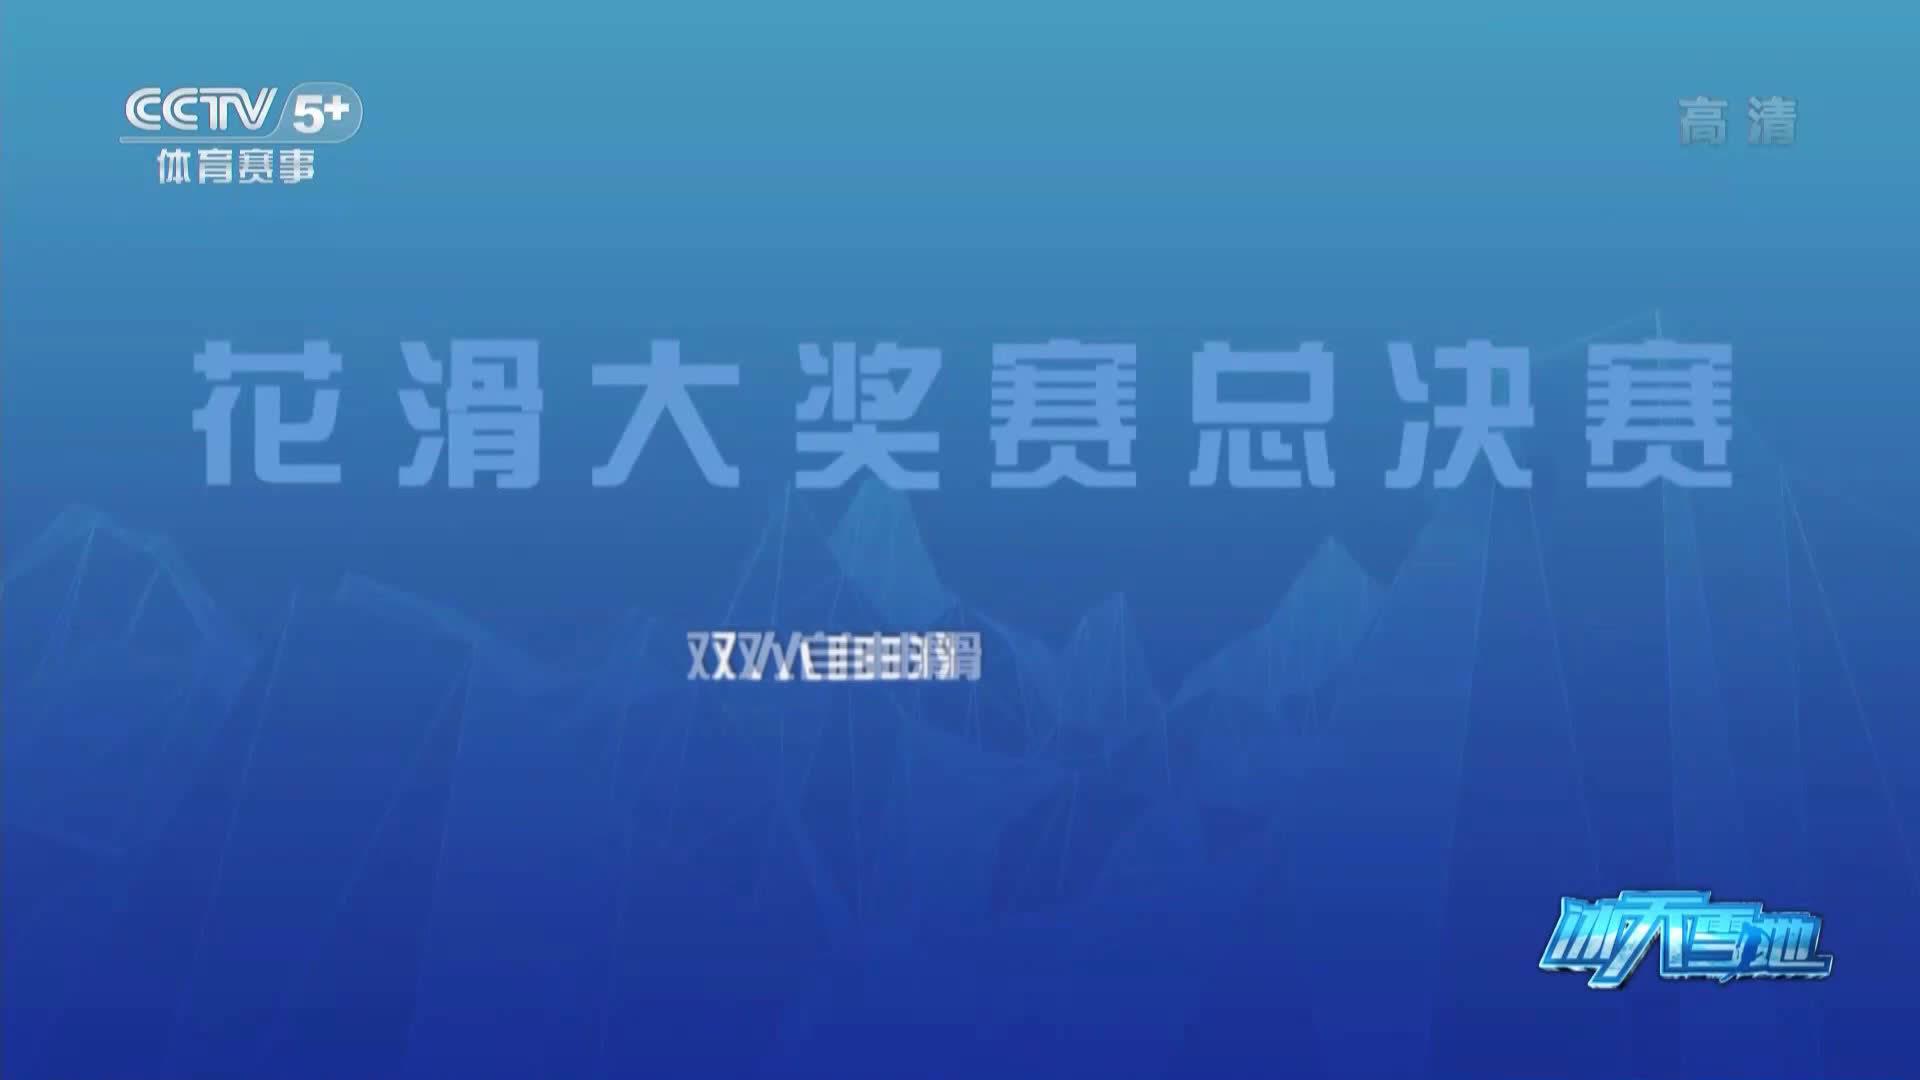 CCTV5+分享|冰天雪地 重温花滑大奖赛总决赛